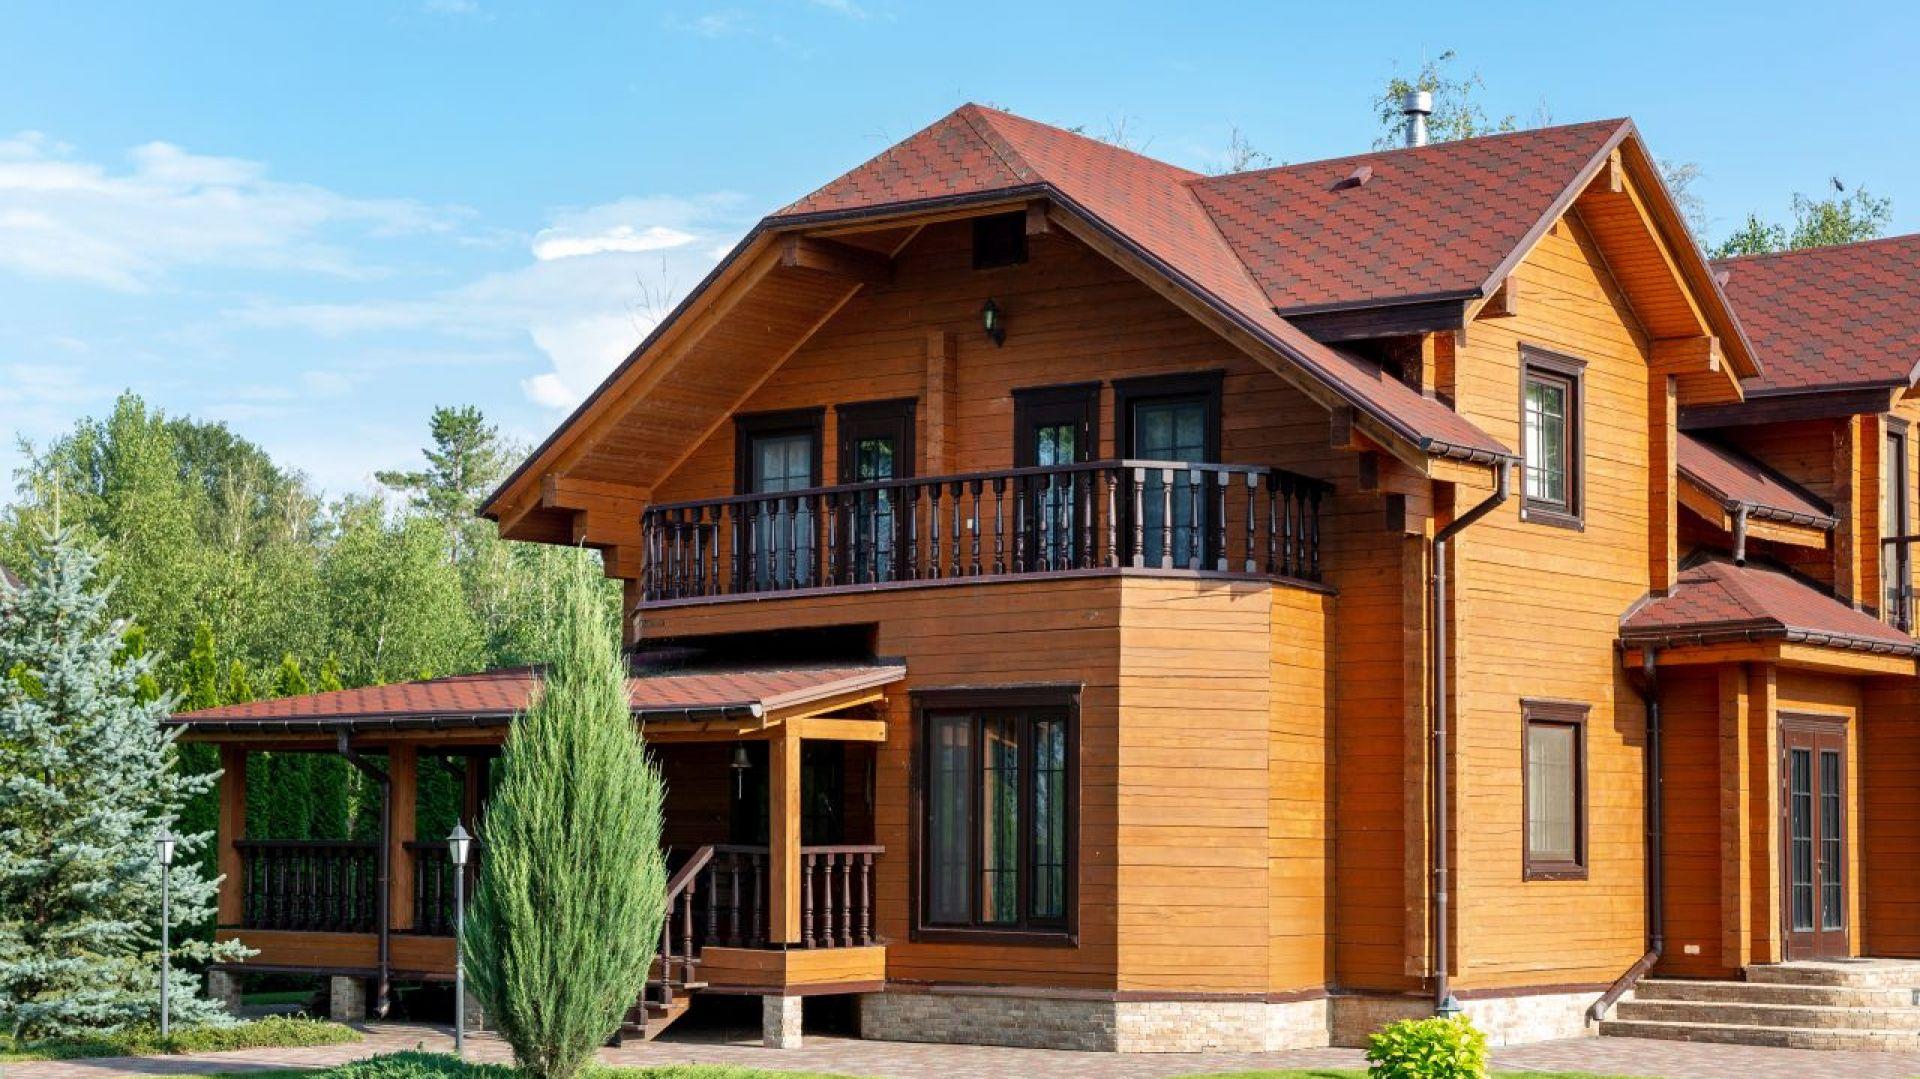 Drewniana elewacja - sposoby na zabezpieczenie. Fot. V33